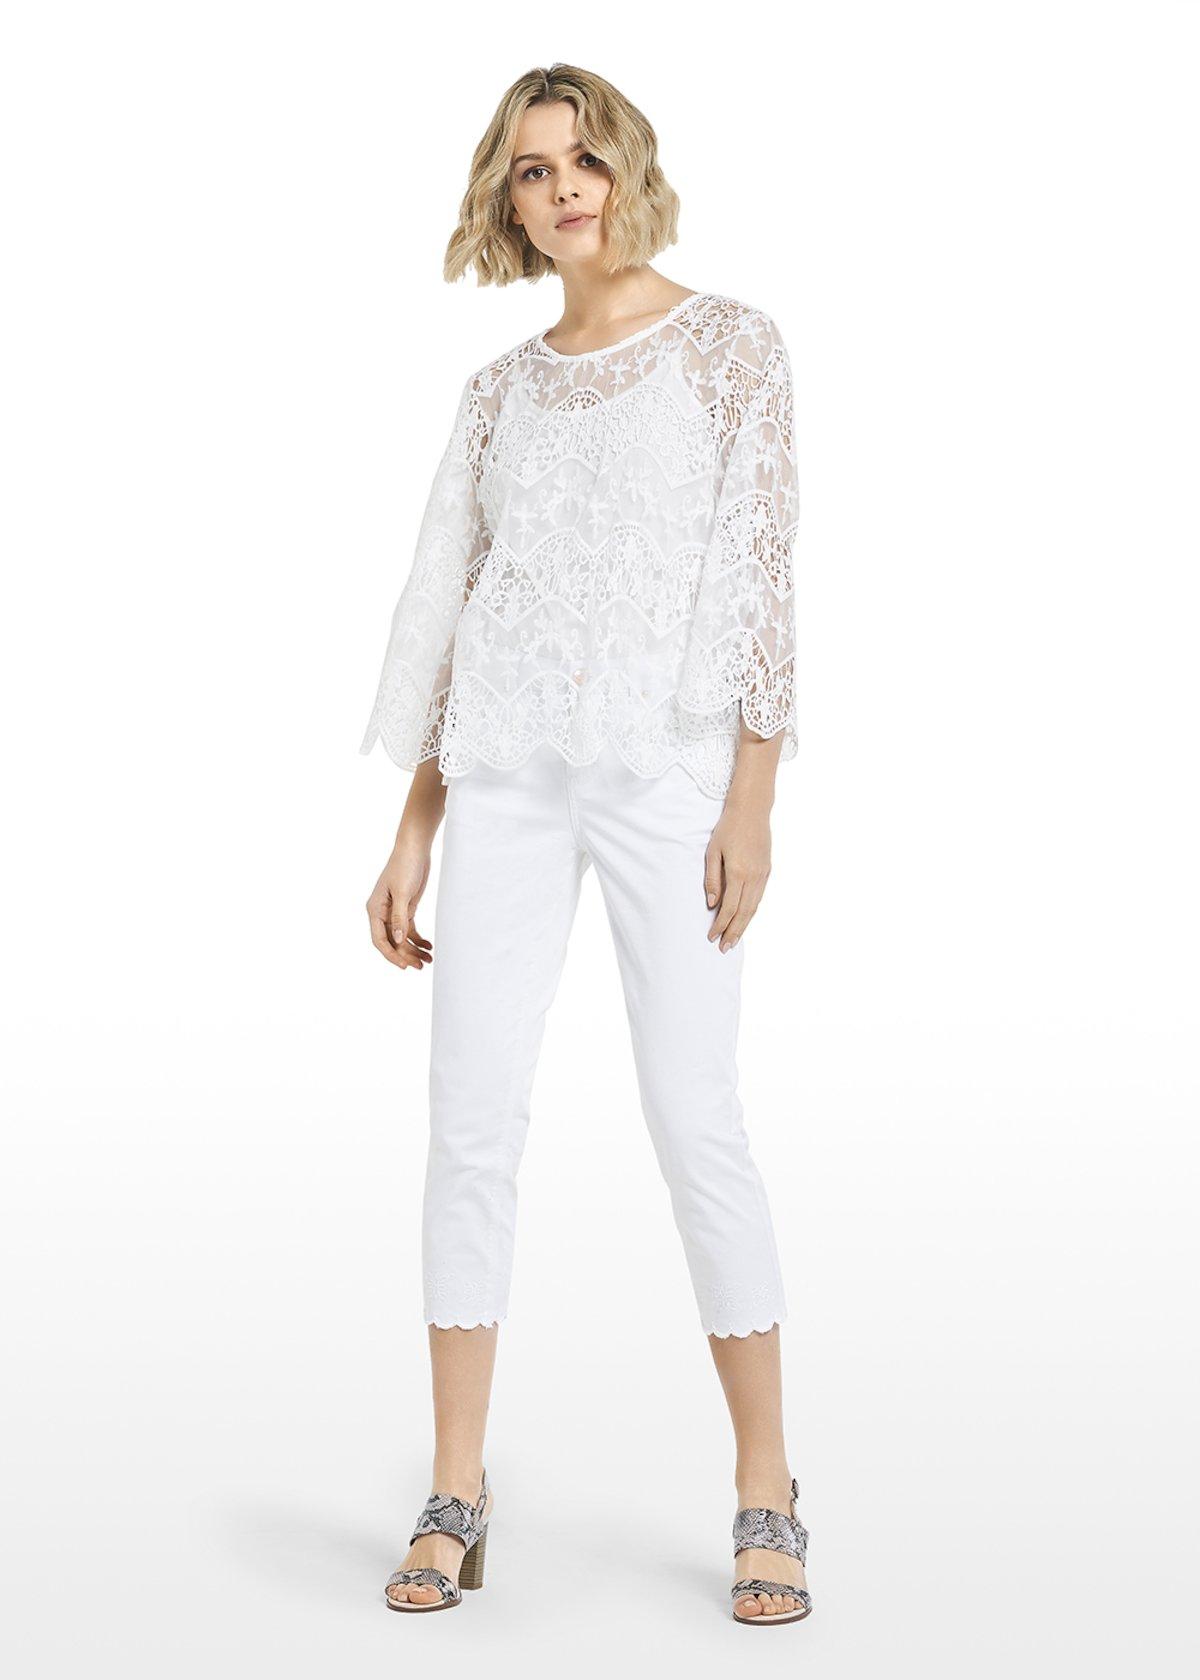 T-shirt Sesil scollo tondo effetto pizzo con fiocco sul retro - White - Donna